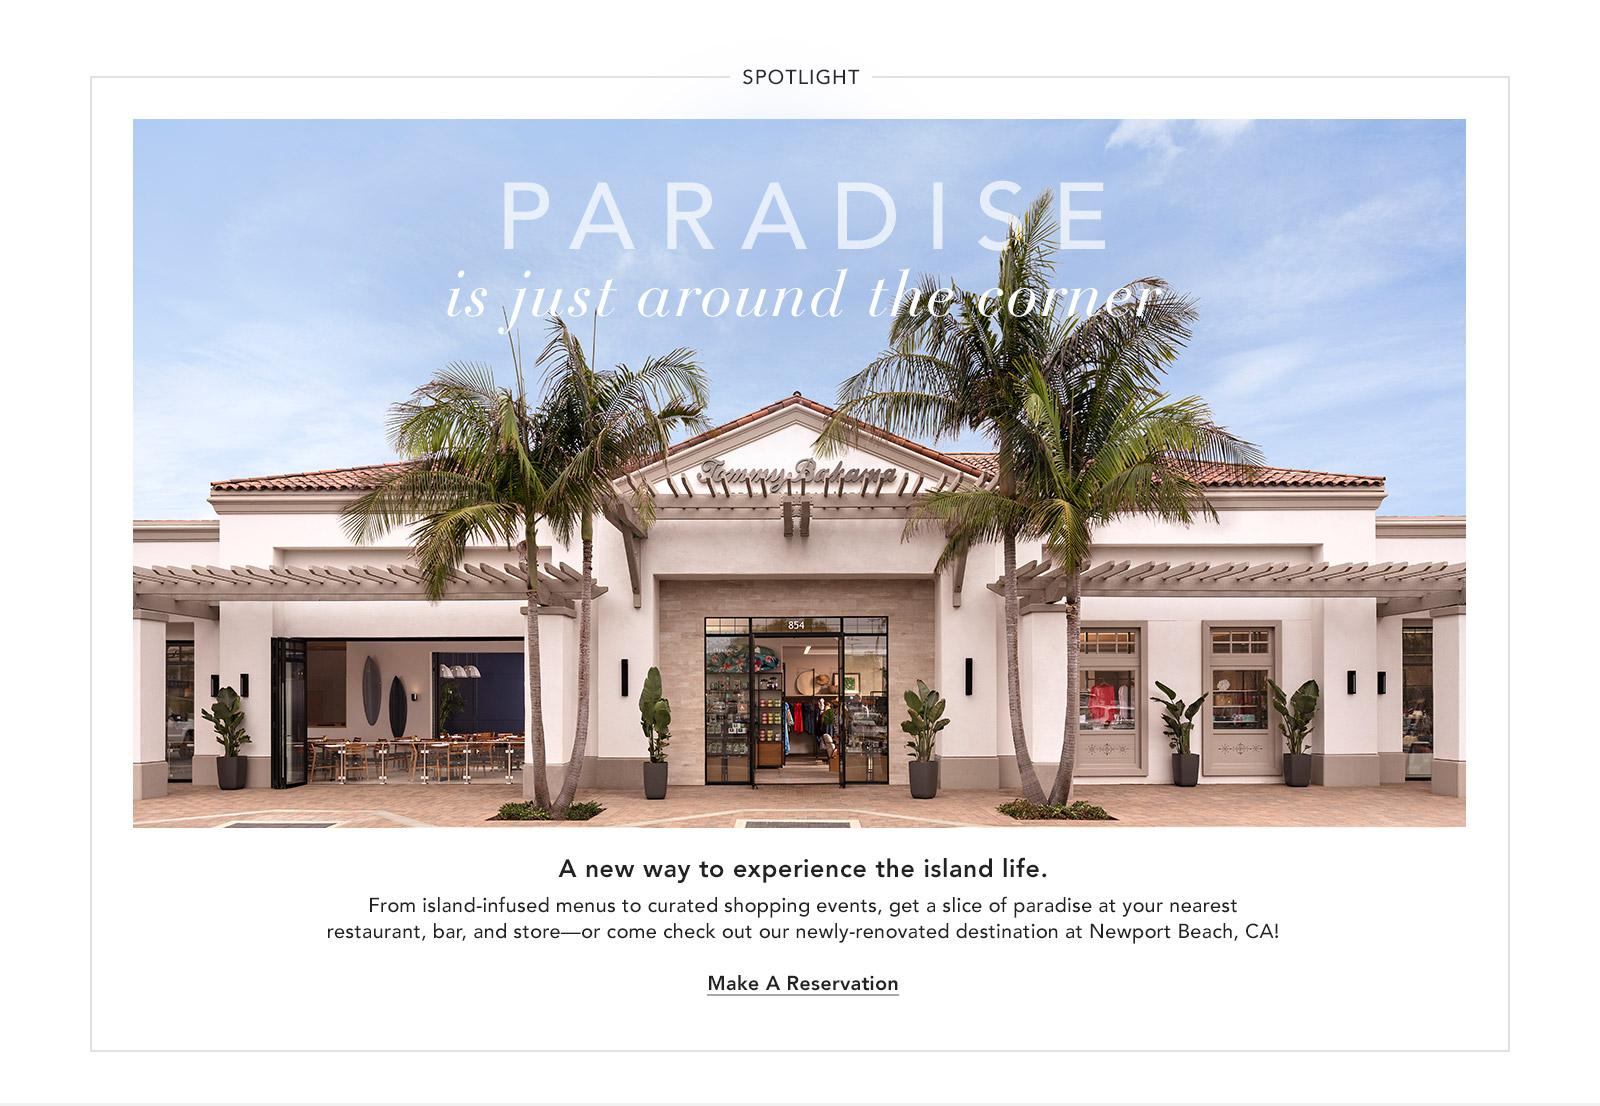 5dbeb4759 Shop Tommy Bahama | TommyBahama.com